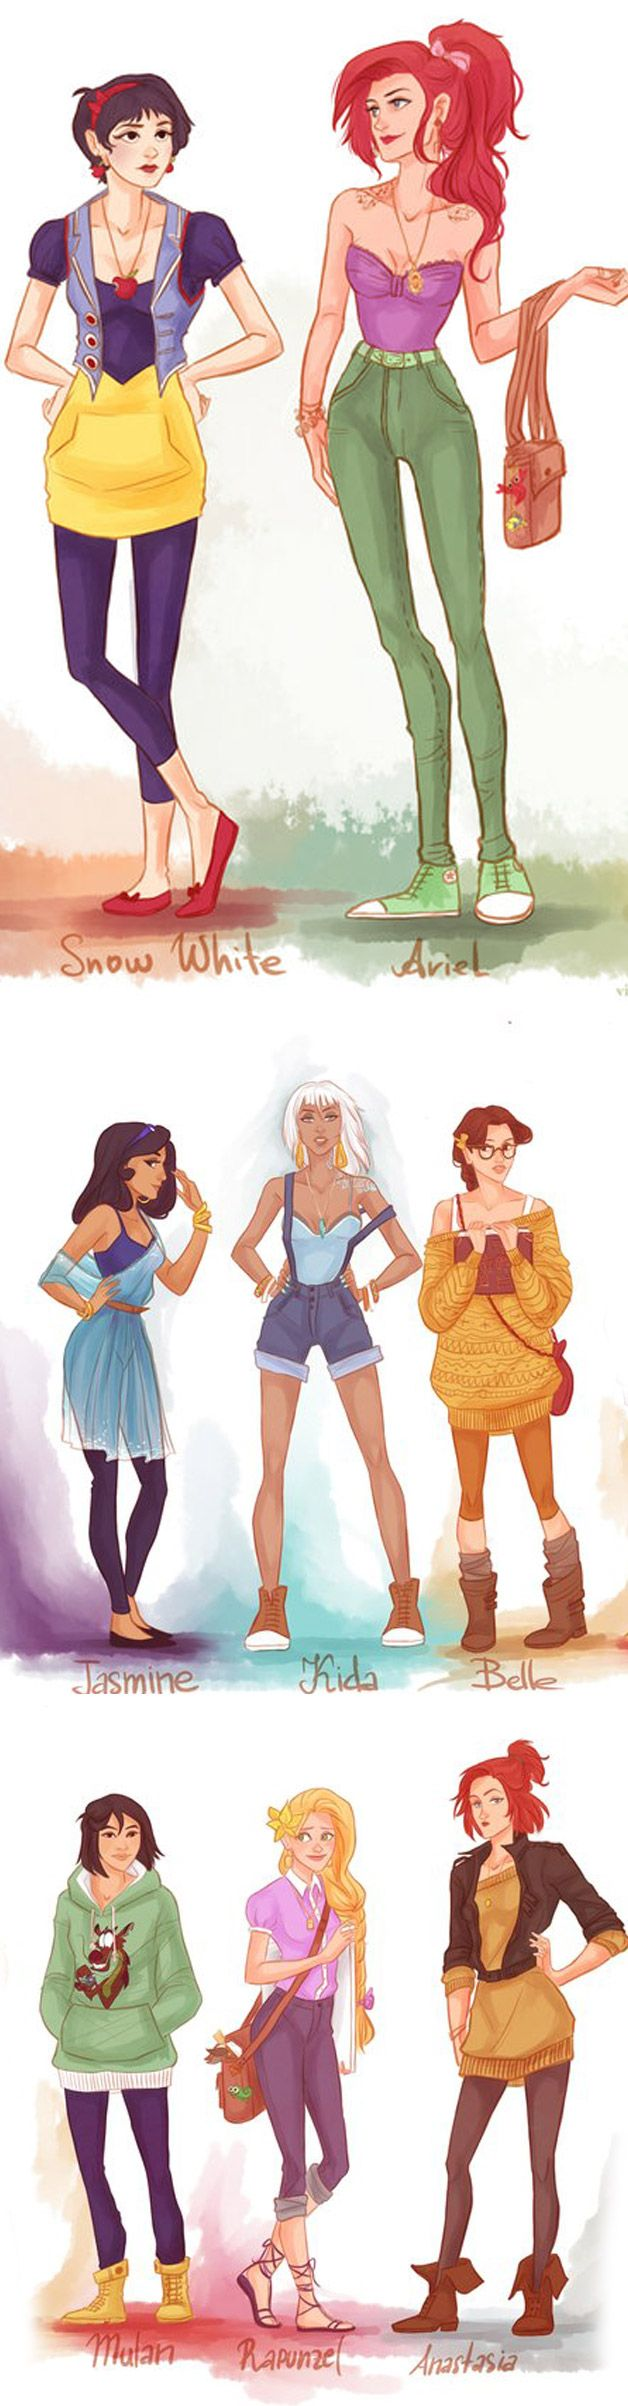 Princesas Disney nos dias atuais.